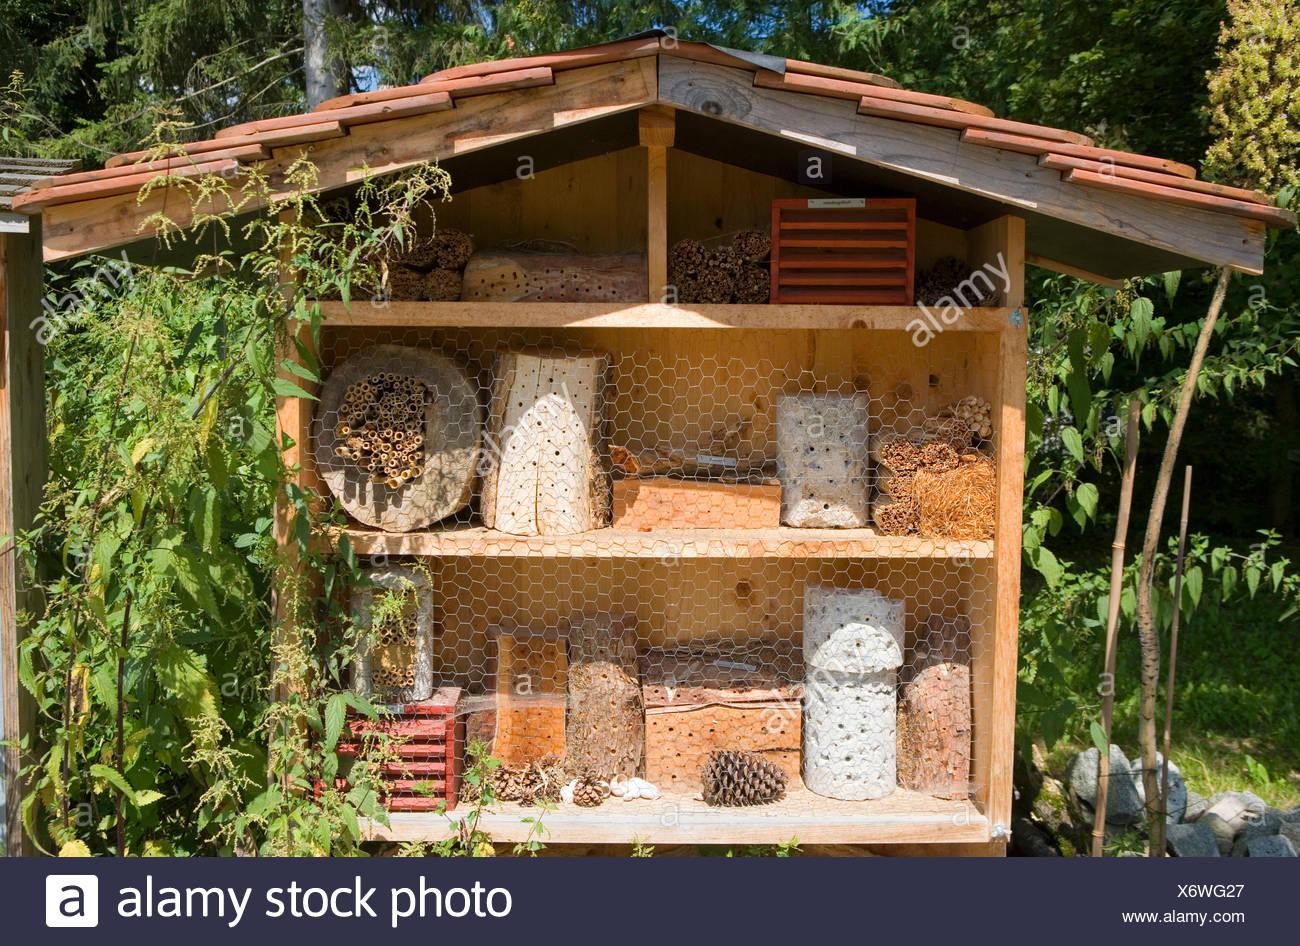 Botanischer Garten München-nymphenburg (Botanischer Garten), 16, 000 Pflanzen angebaut werden, insekt Hotel für vorteilhafte Organismus wie Wilde Bienen, Marienkäfer, Schmetterlinge Stockbild